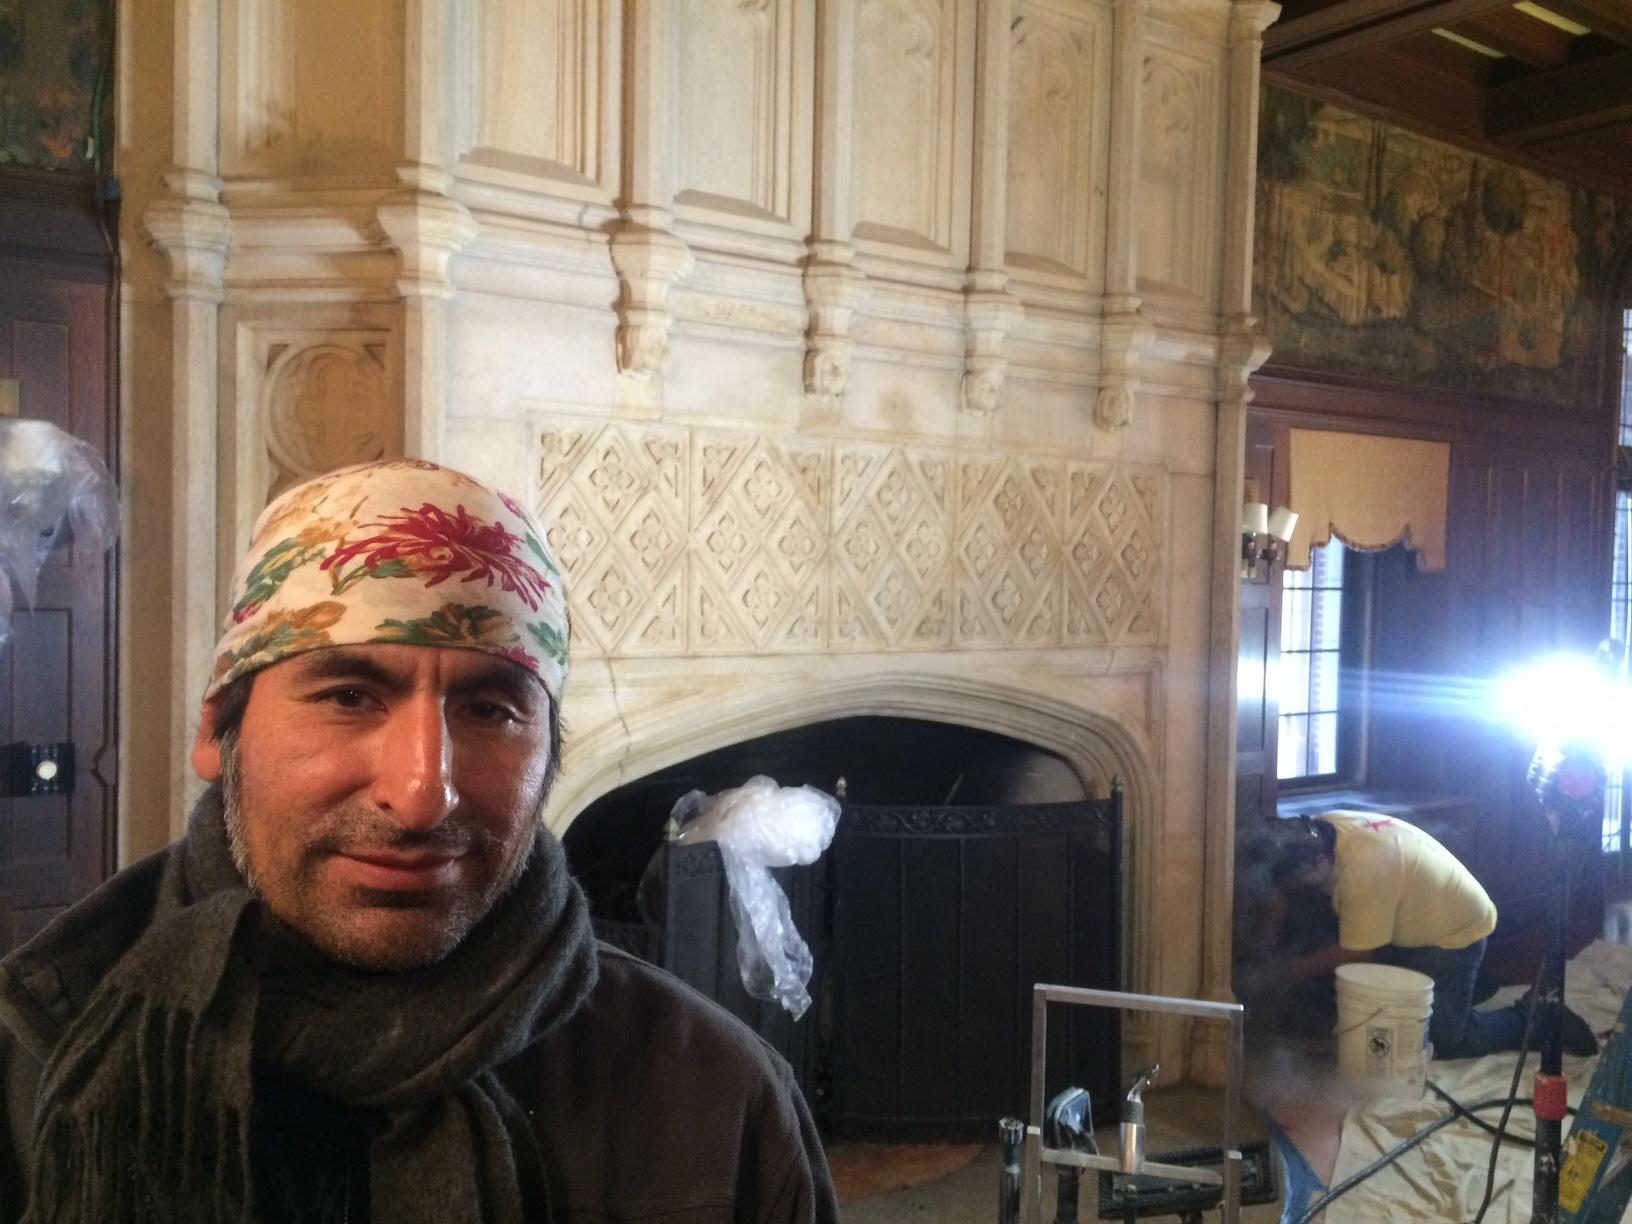 Fireplace Jersey City  Johnn Hilares, director of restoration at Jersey City, N.J.-based Zakalak Restoration Arts